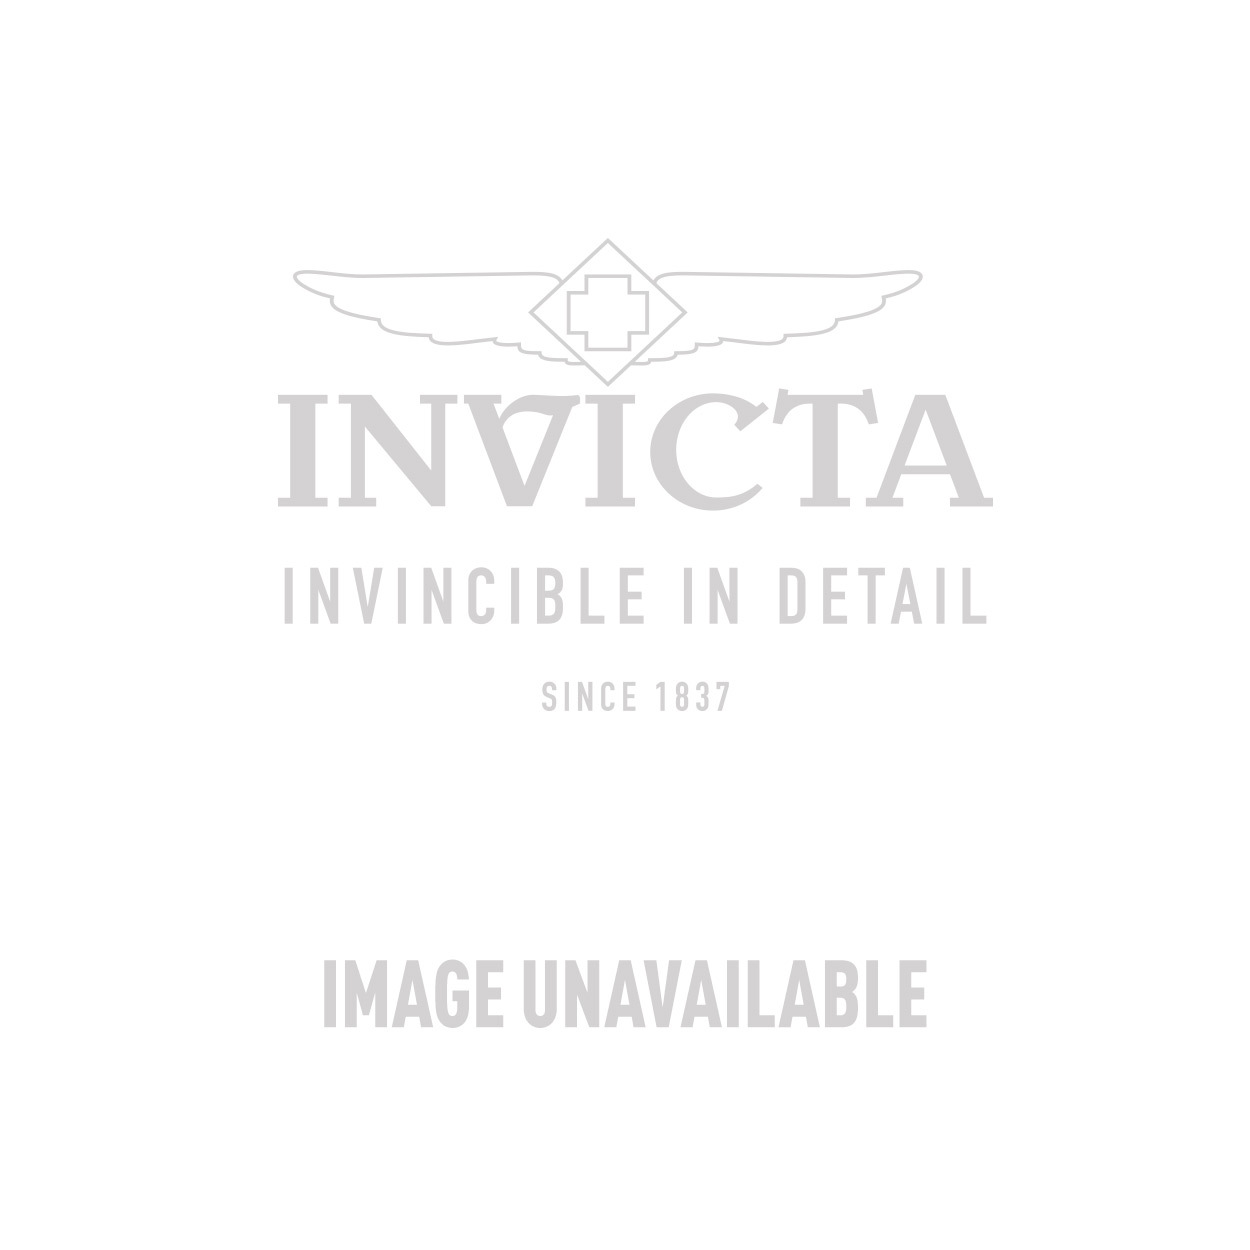 Invicta Model 25367